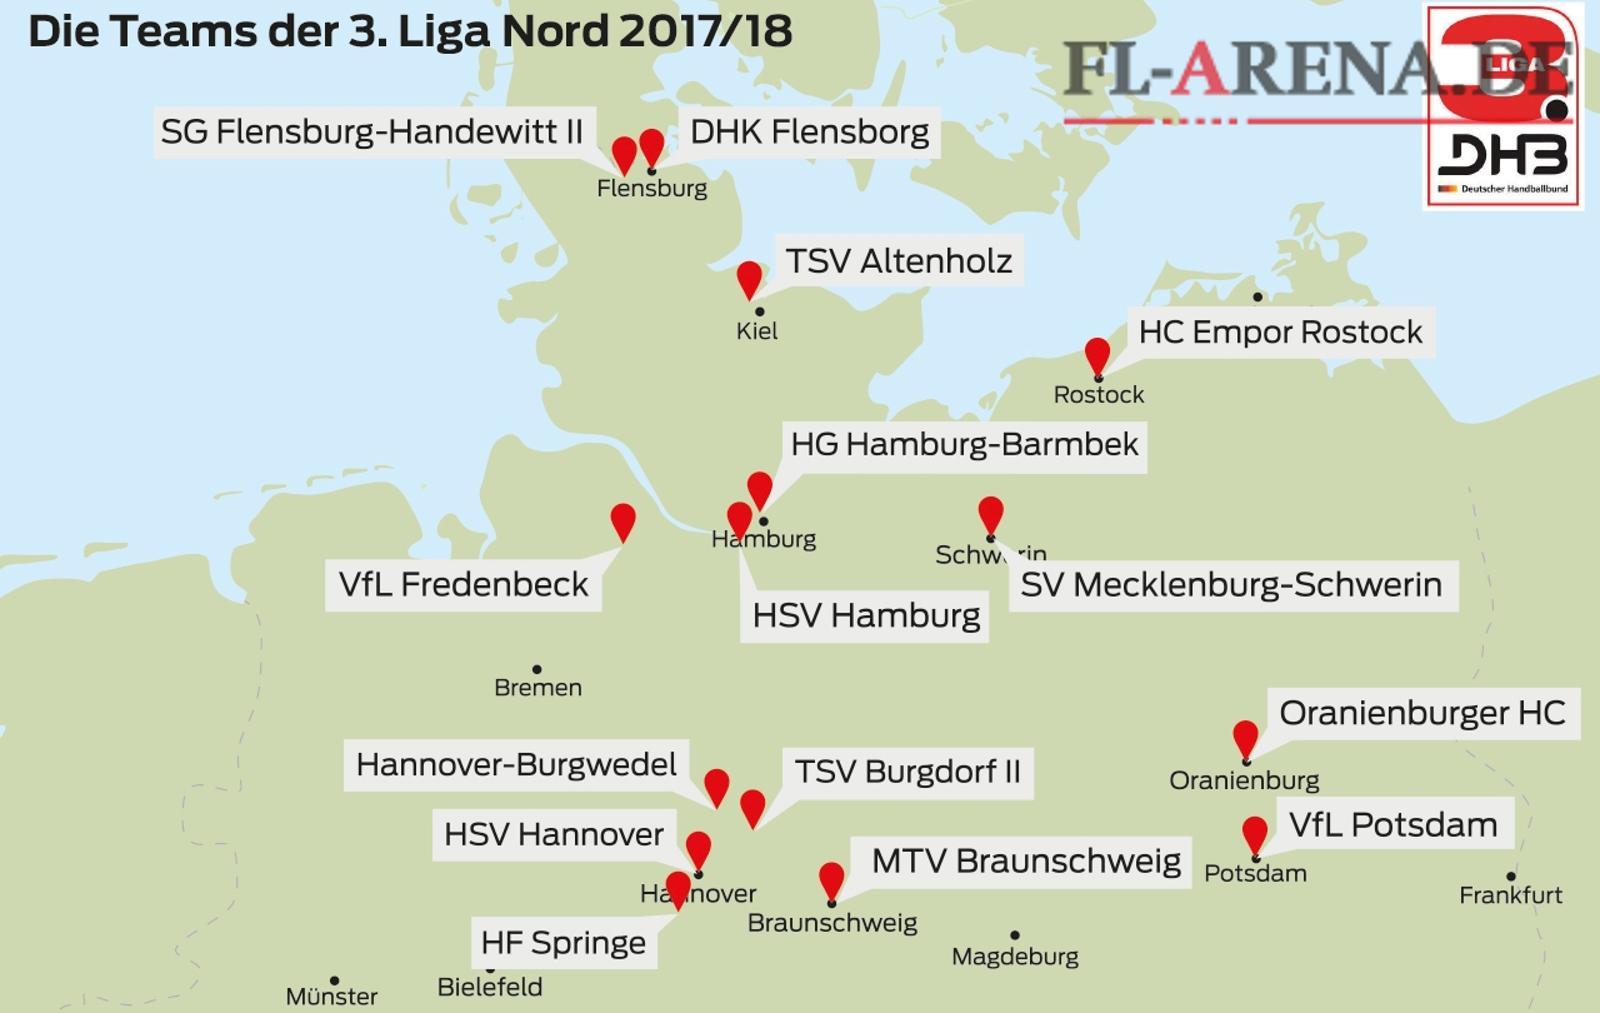 3 Liga Kompakt Favoriten Mit Siegen Fl Arena